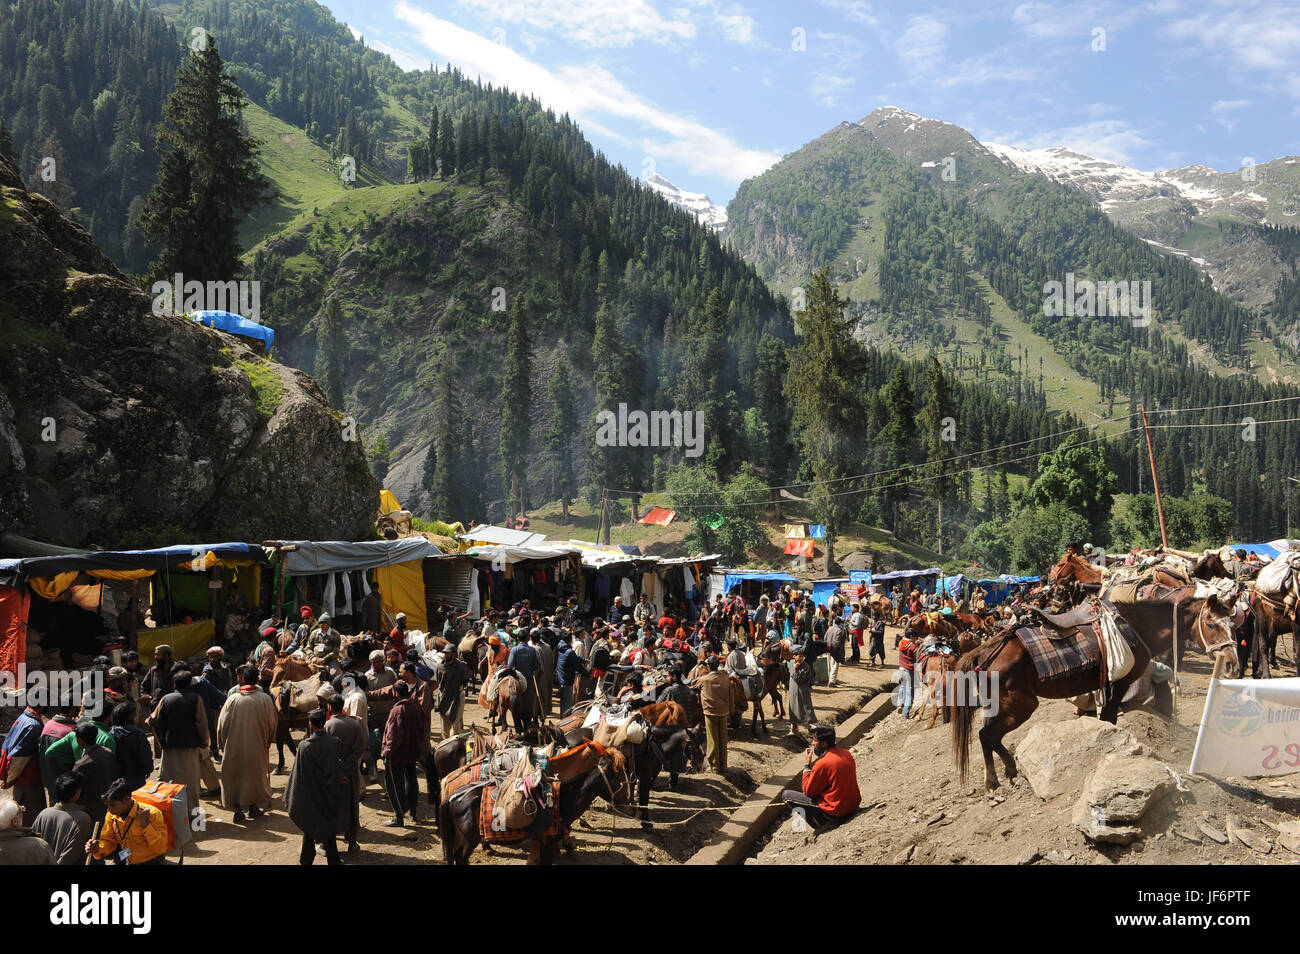 Pilgrimage amalgam to Chandigarh, amarnath yatra, jammu Kashmir, India, asia - Stock Image